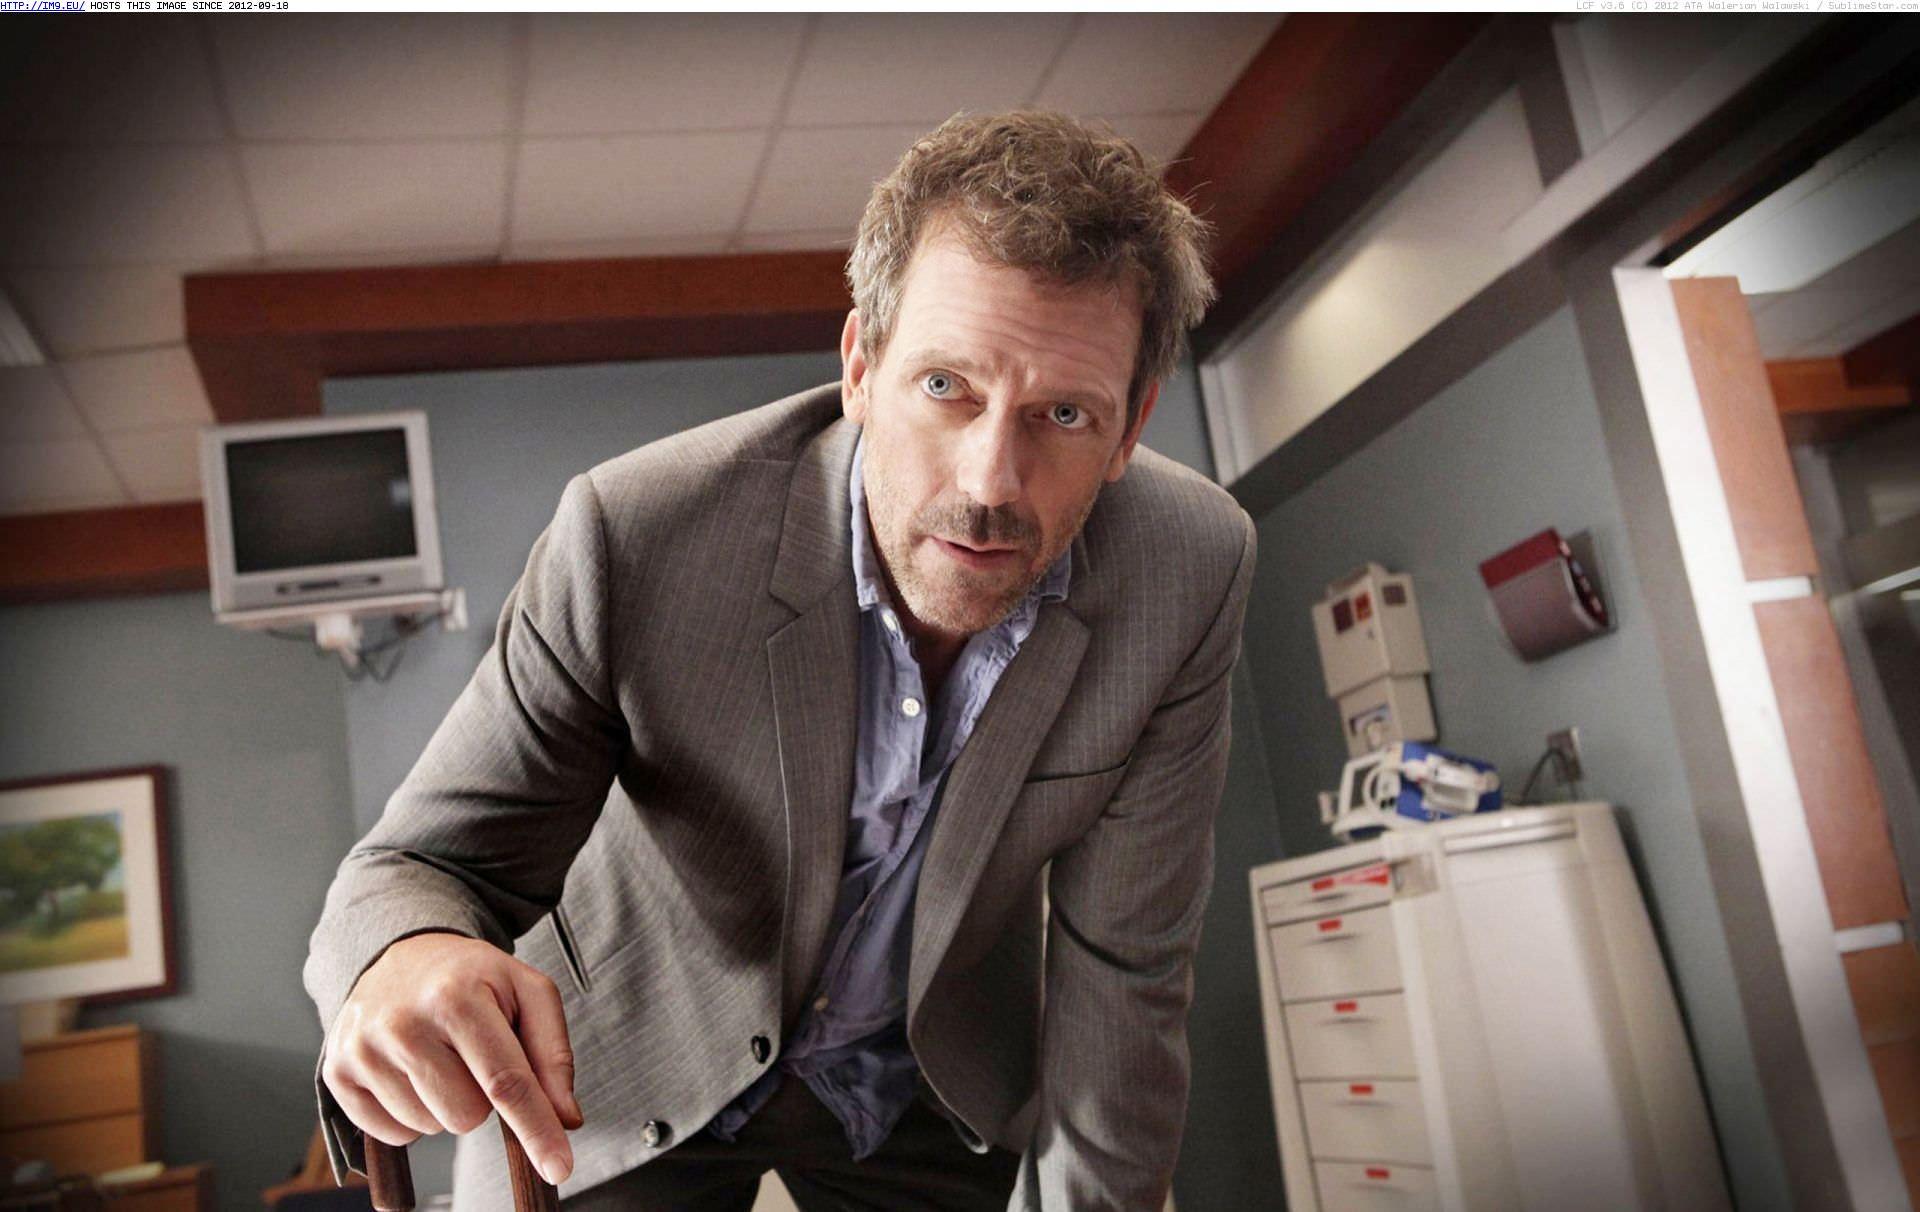 2004: DR. HOUSE, ein grantiger, übellauniger, drogensüchtiger aber genialer Arzt rettet viele Menschenleben. Damals ein regelrechter Strassenfeger.